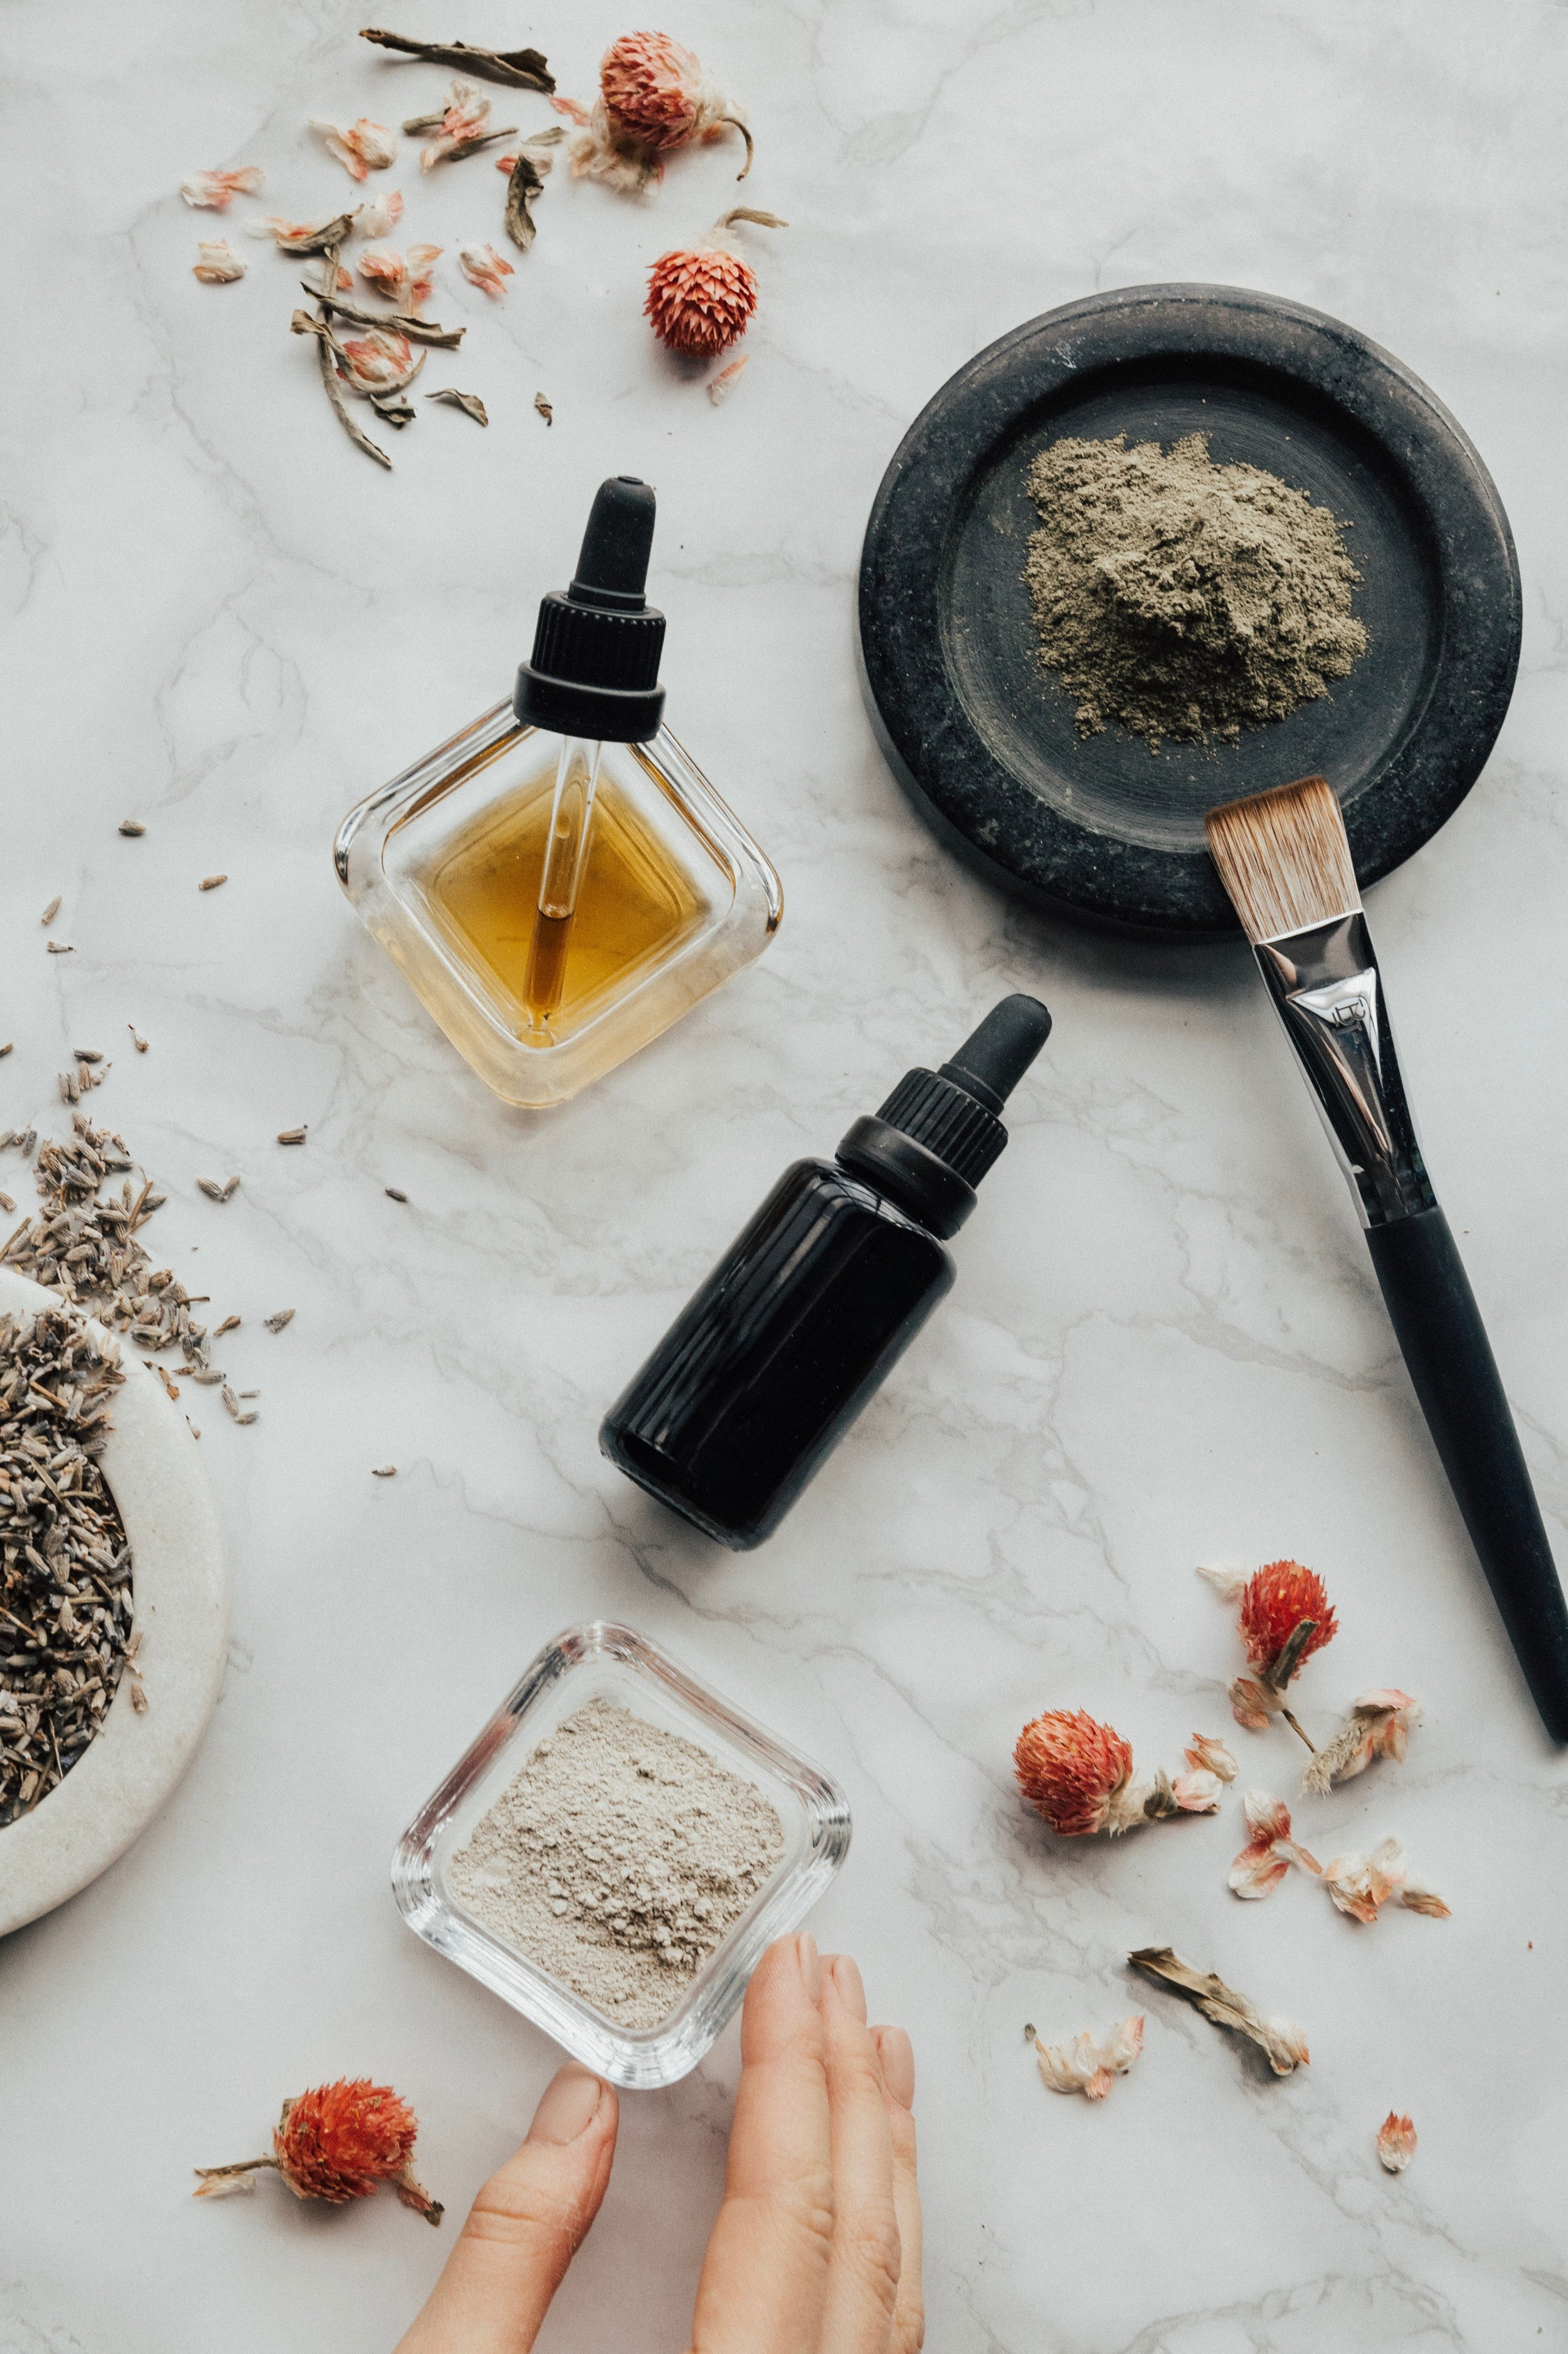 aroma-aromatherapy-aromatic-1619488.jpg